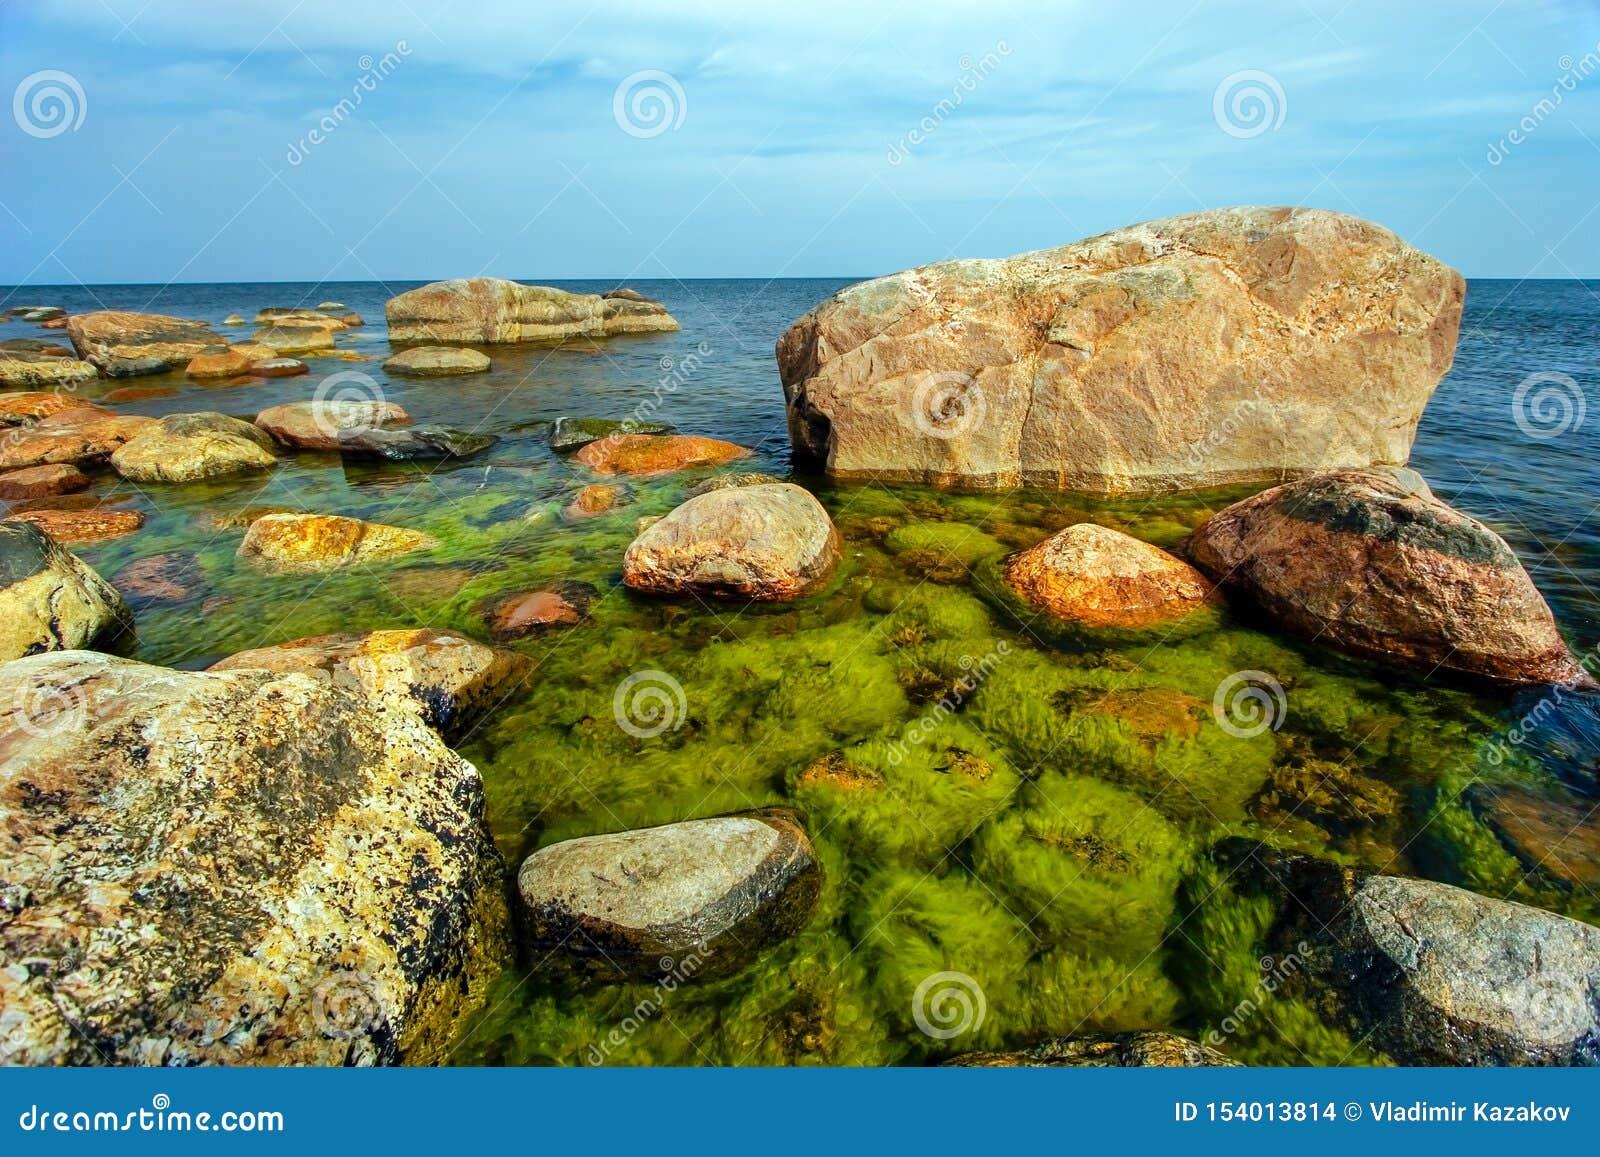 Härliga enorma stenar i havet med små stenar under vatten som är bevuxet med gröna alger i golfen av Finland